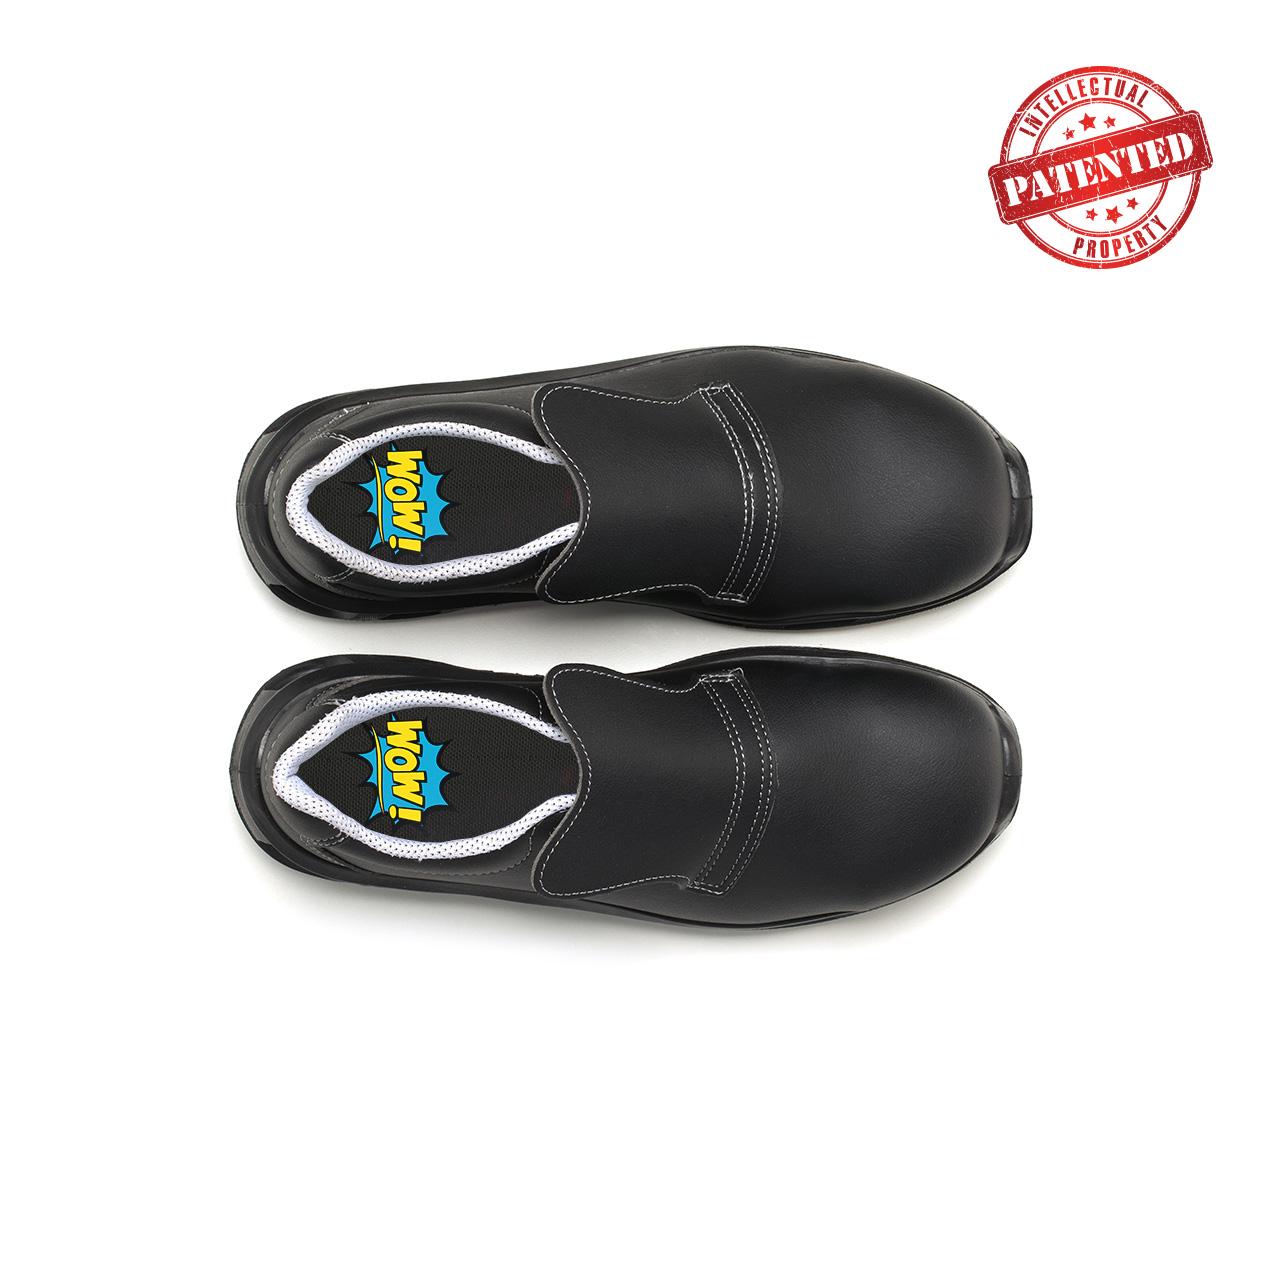 paio di scarpe antinfortunistiche upower modello noir linea redlion vista top